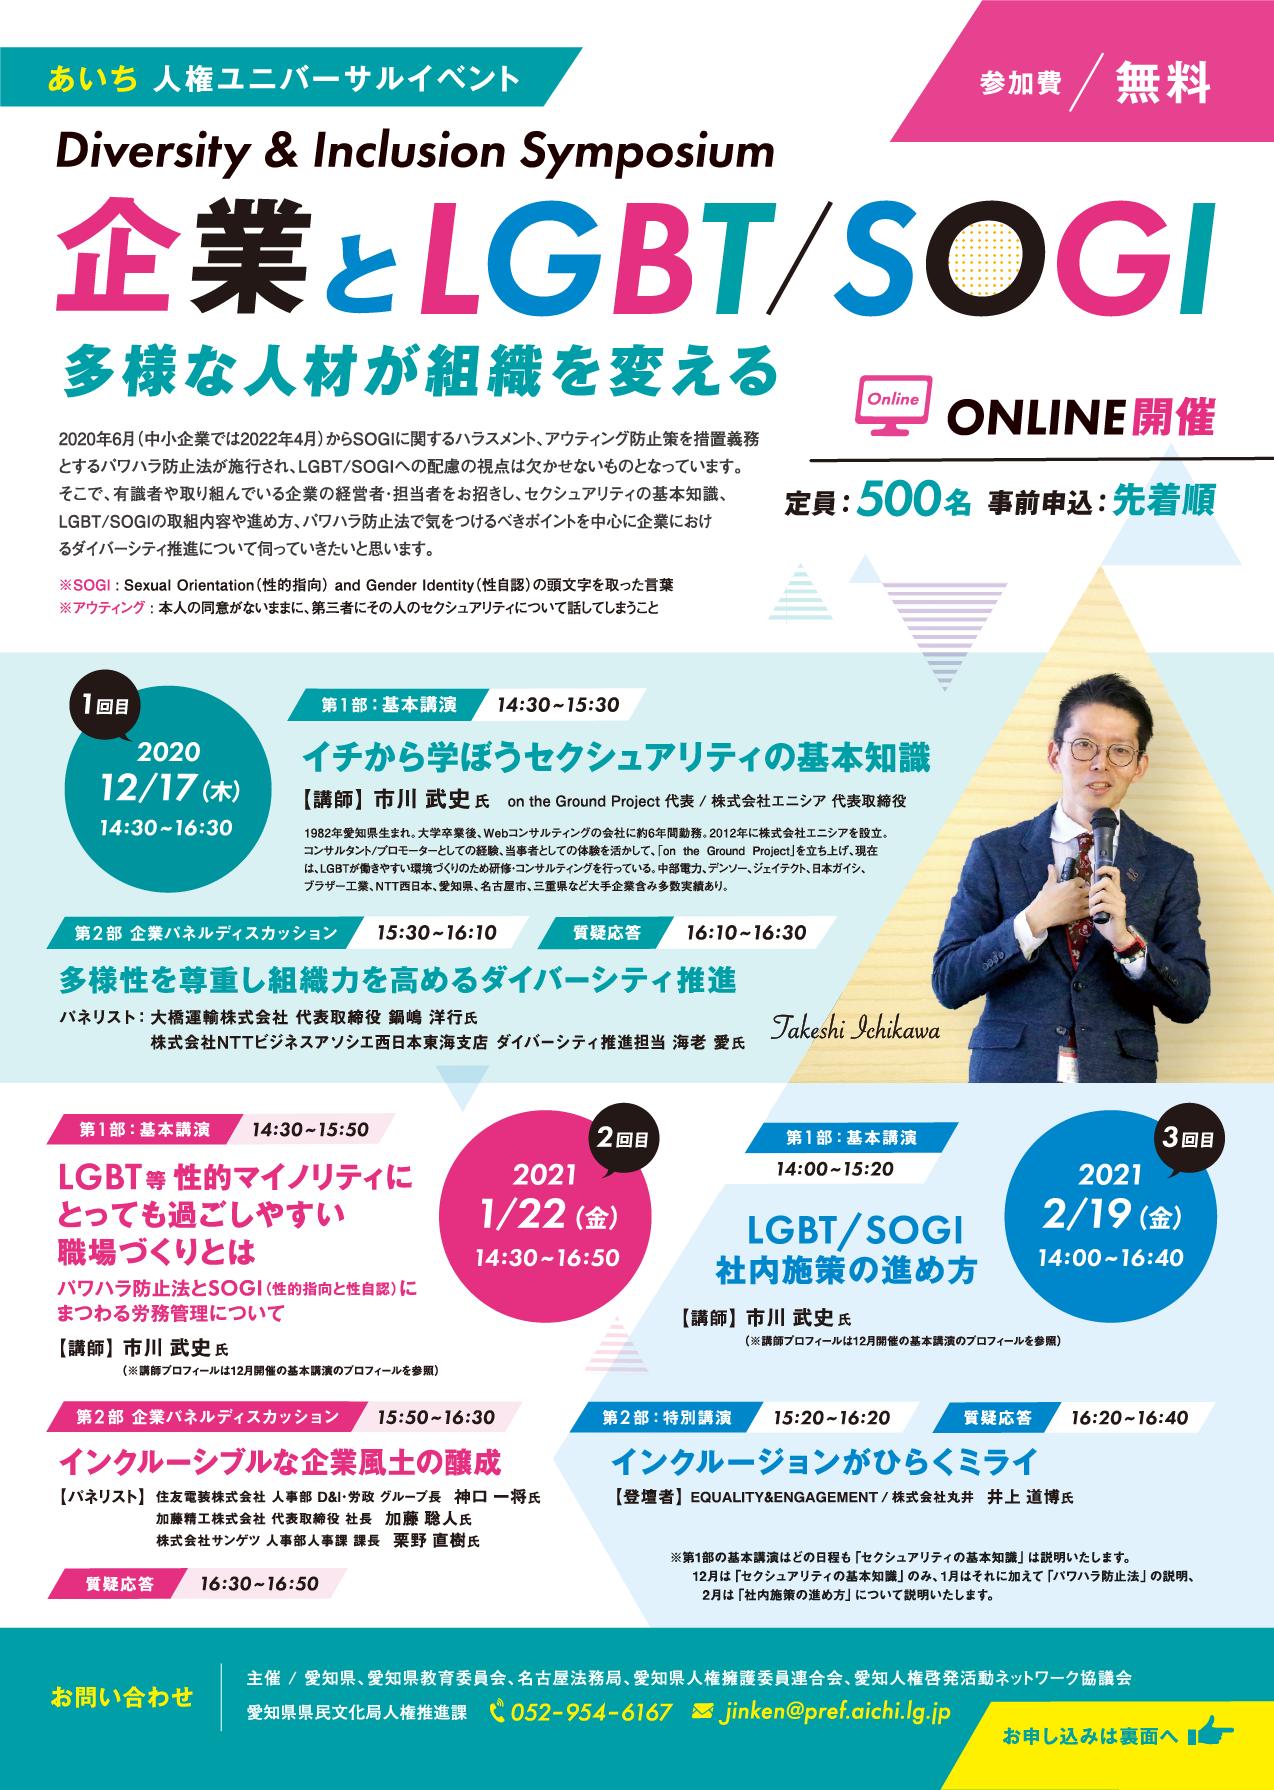 愛知県人権啓発イベント